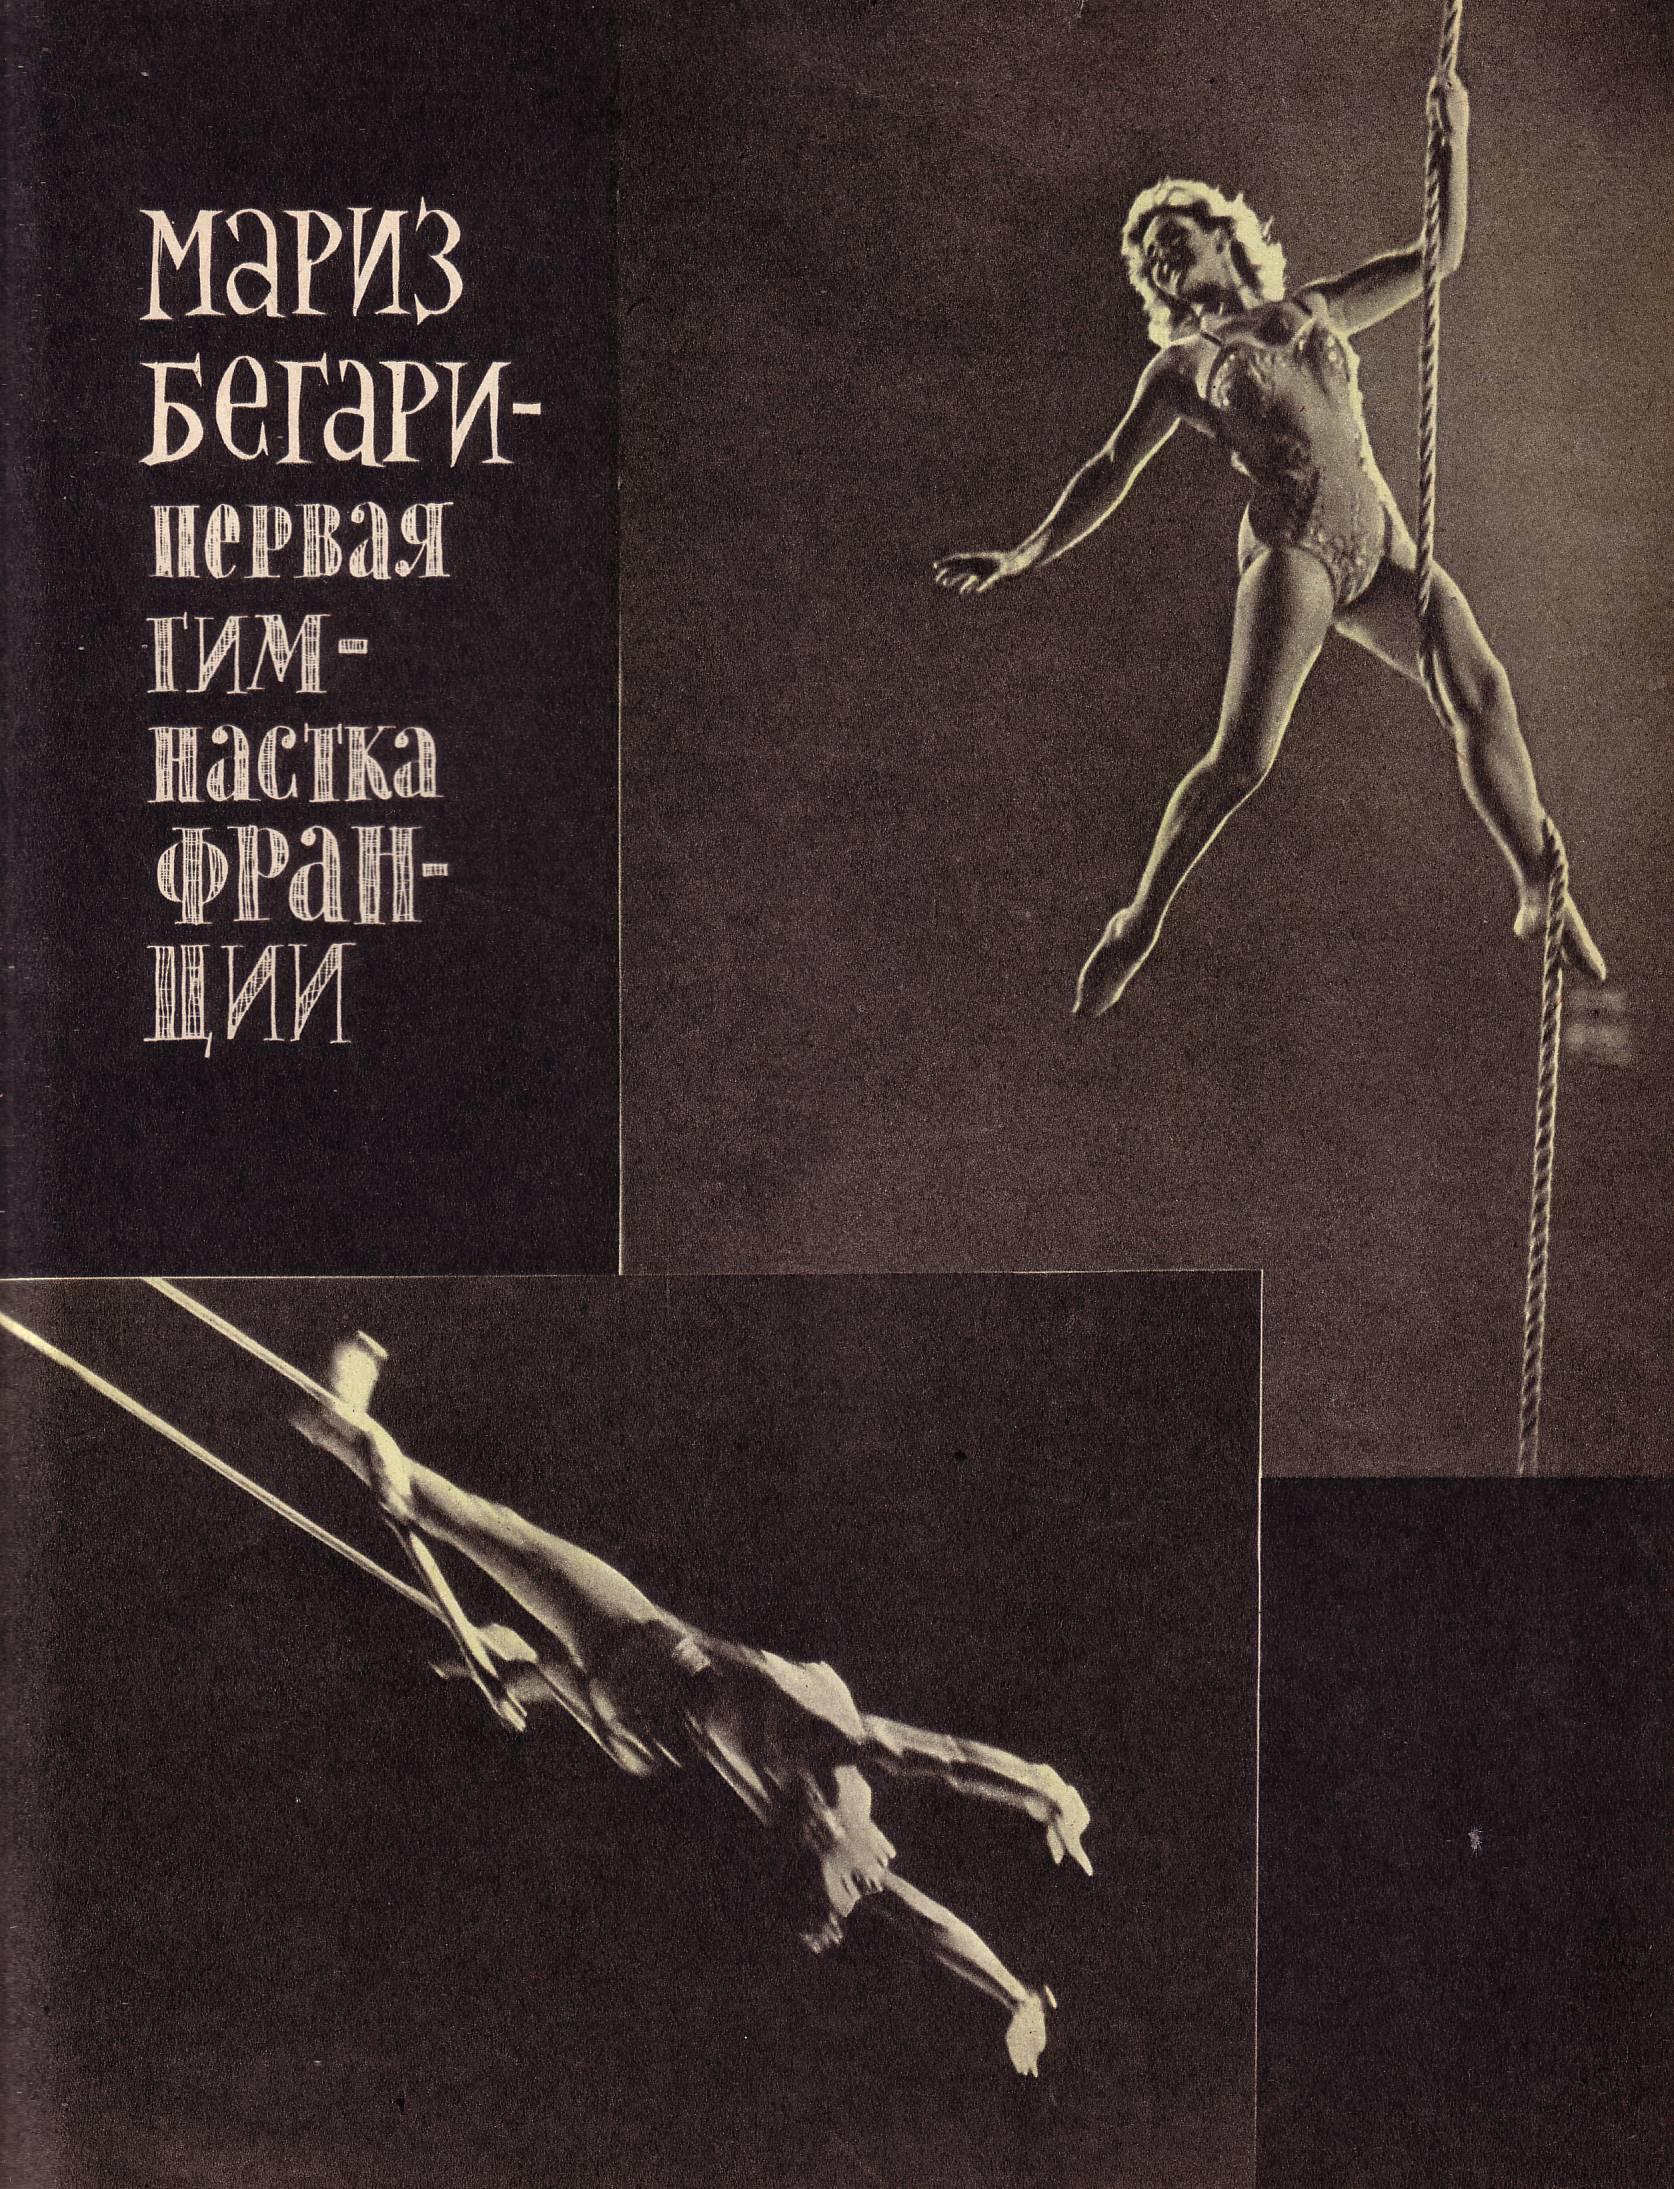 Мариз Бегари первая гимнастка Франции